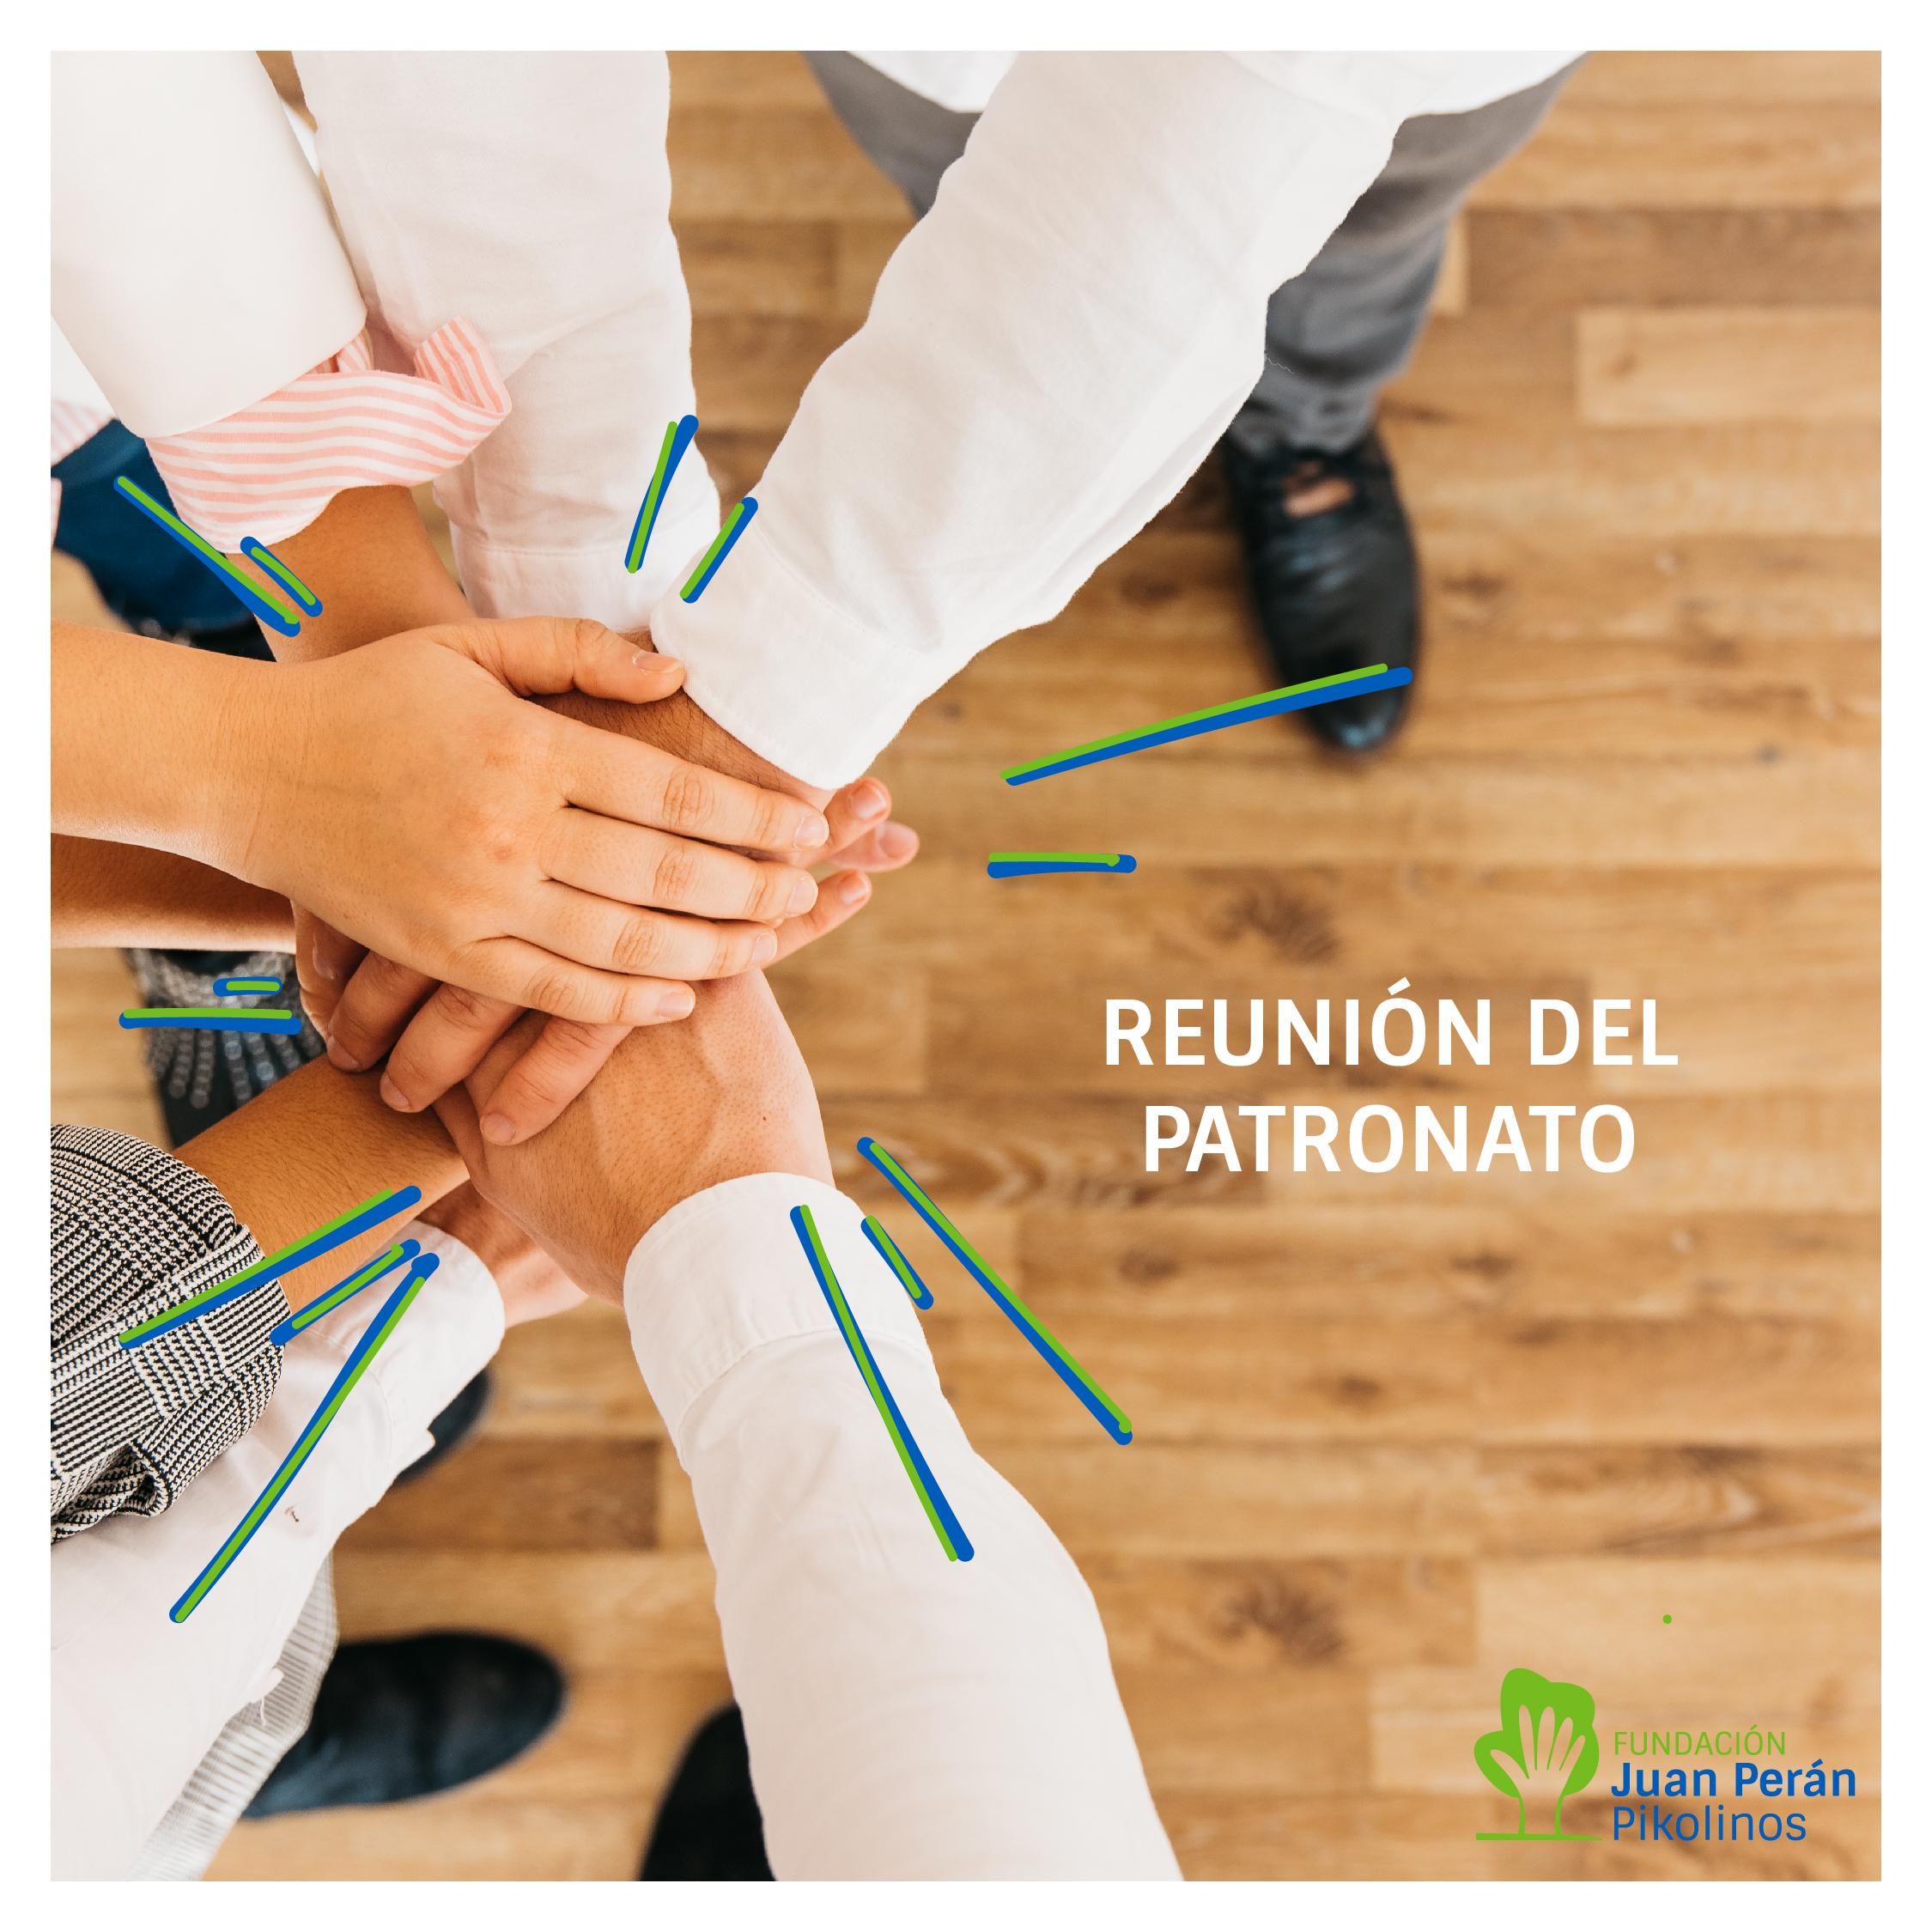 fundacion_rrss_reunionpatronato___Mesa de trabajo 1